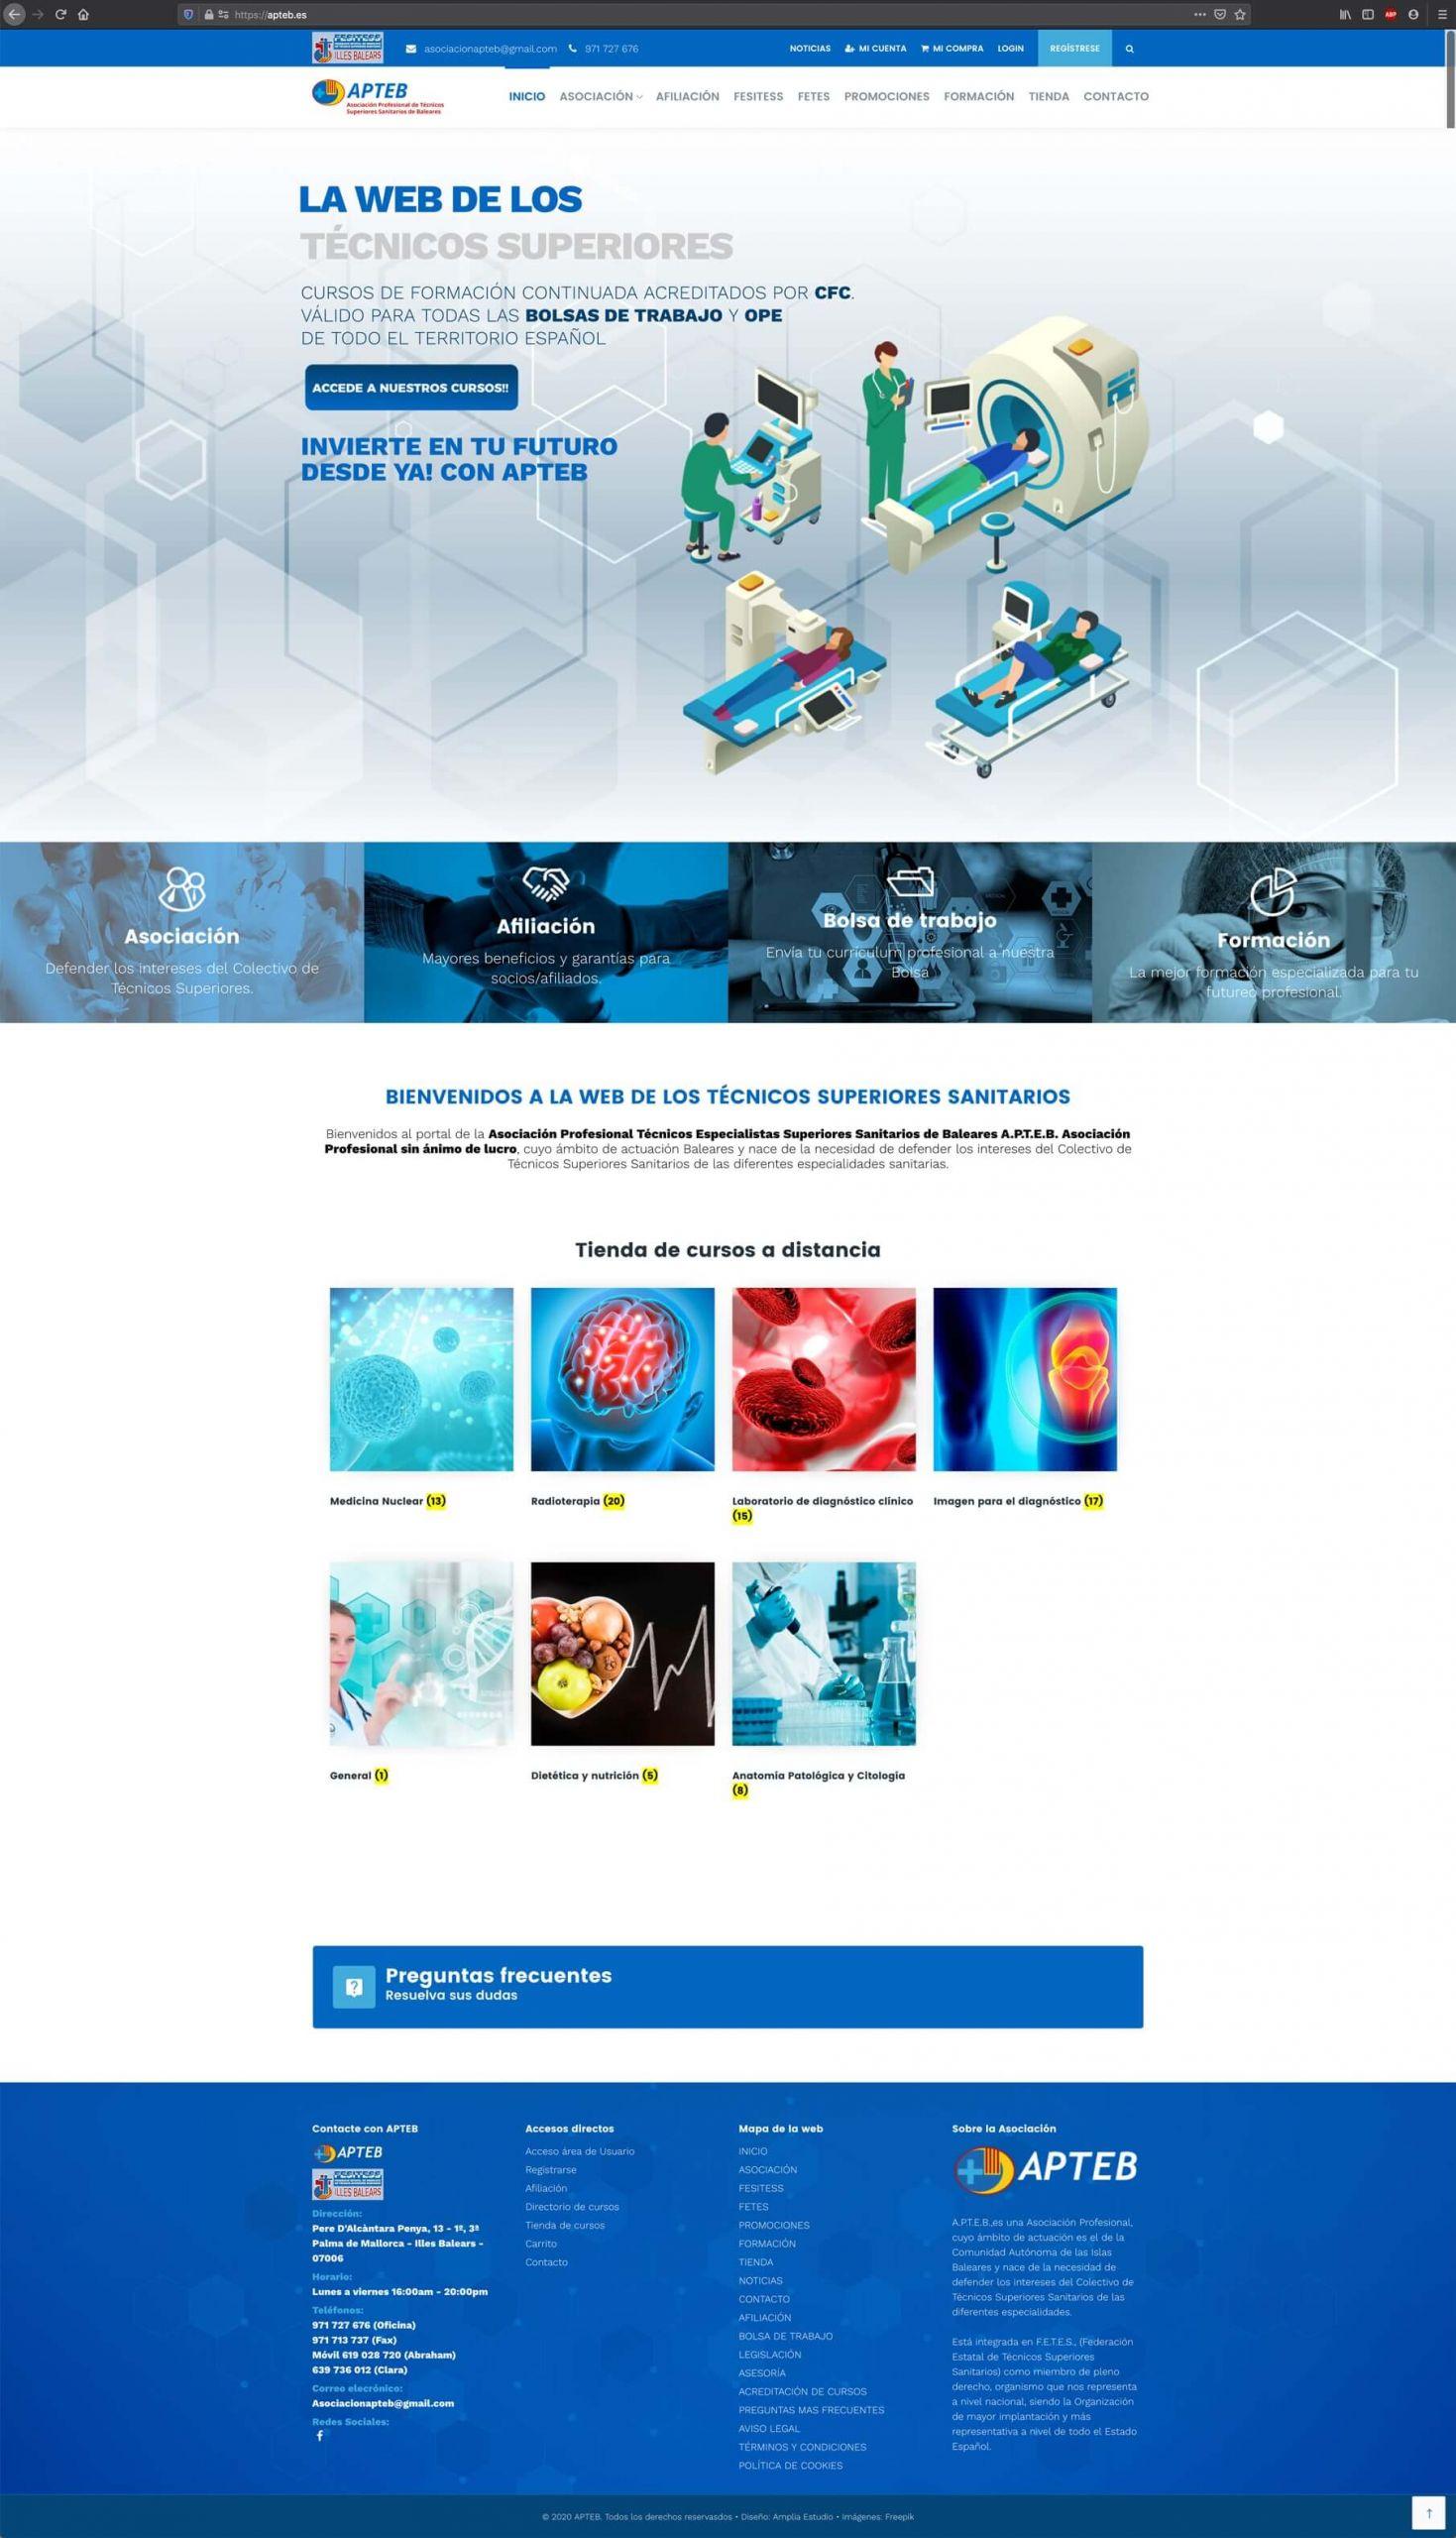 Diseño website APTEB - home